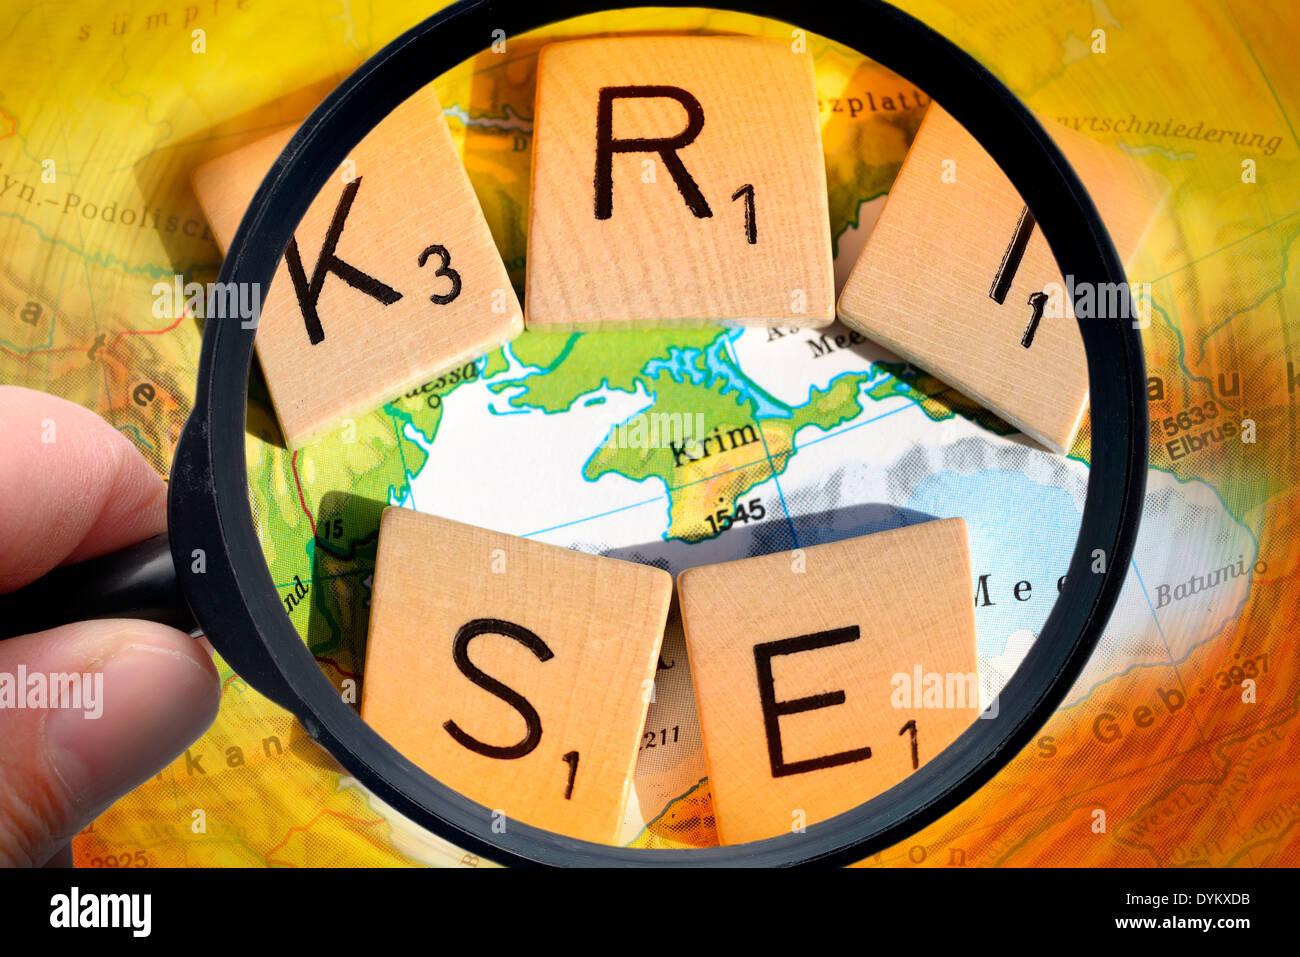 Karte der Krim und Schriftzug Krise unter der Lupe, Krim-Krise - Stock Image